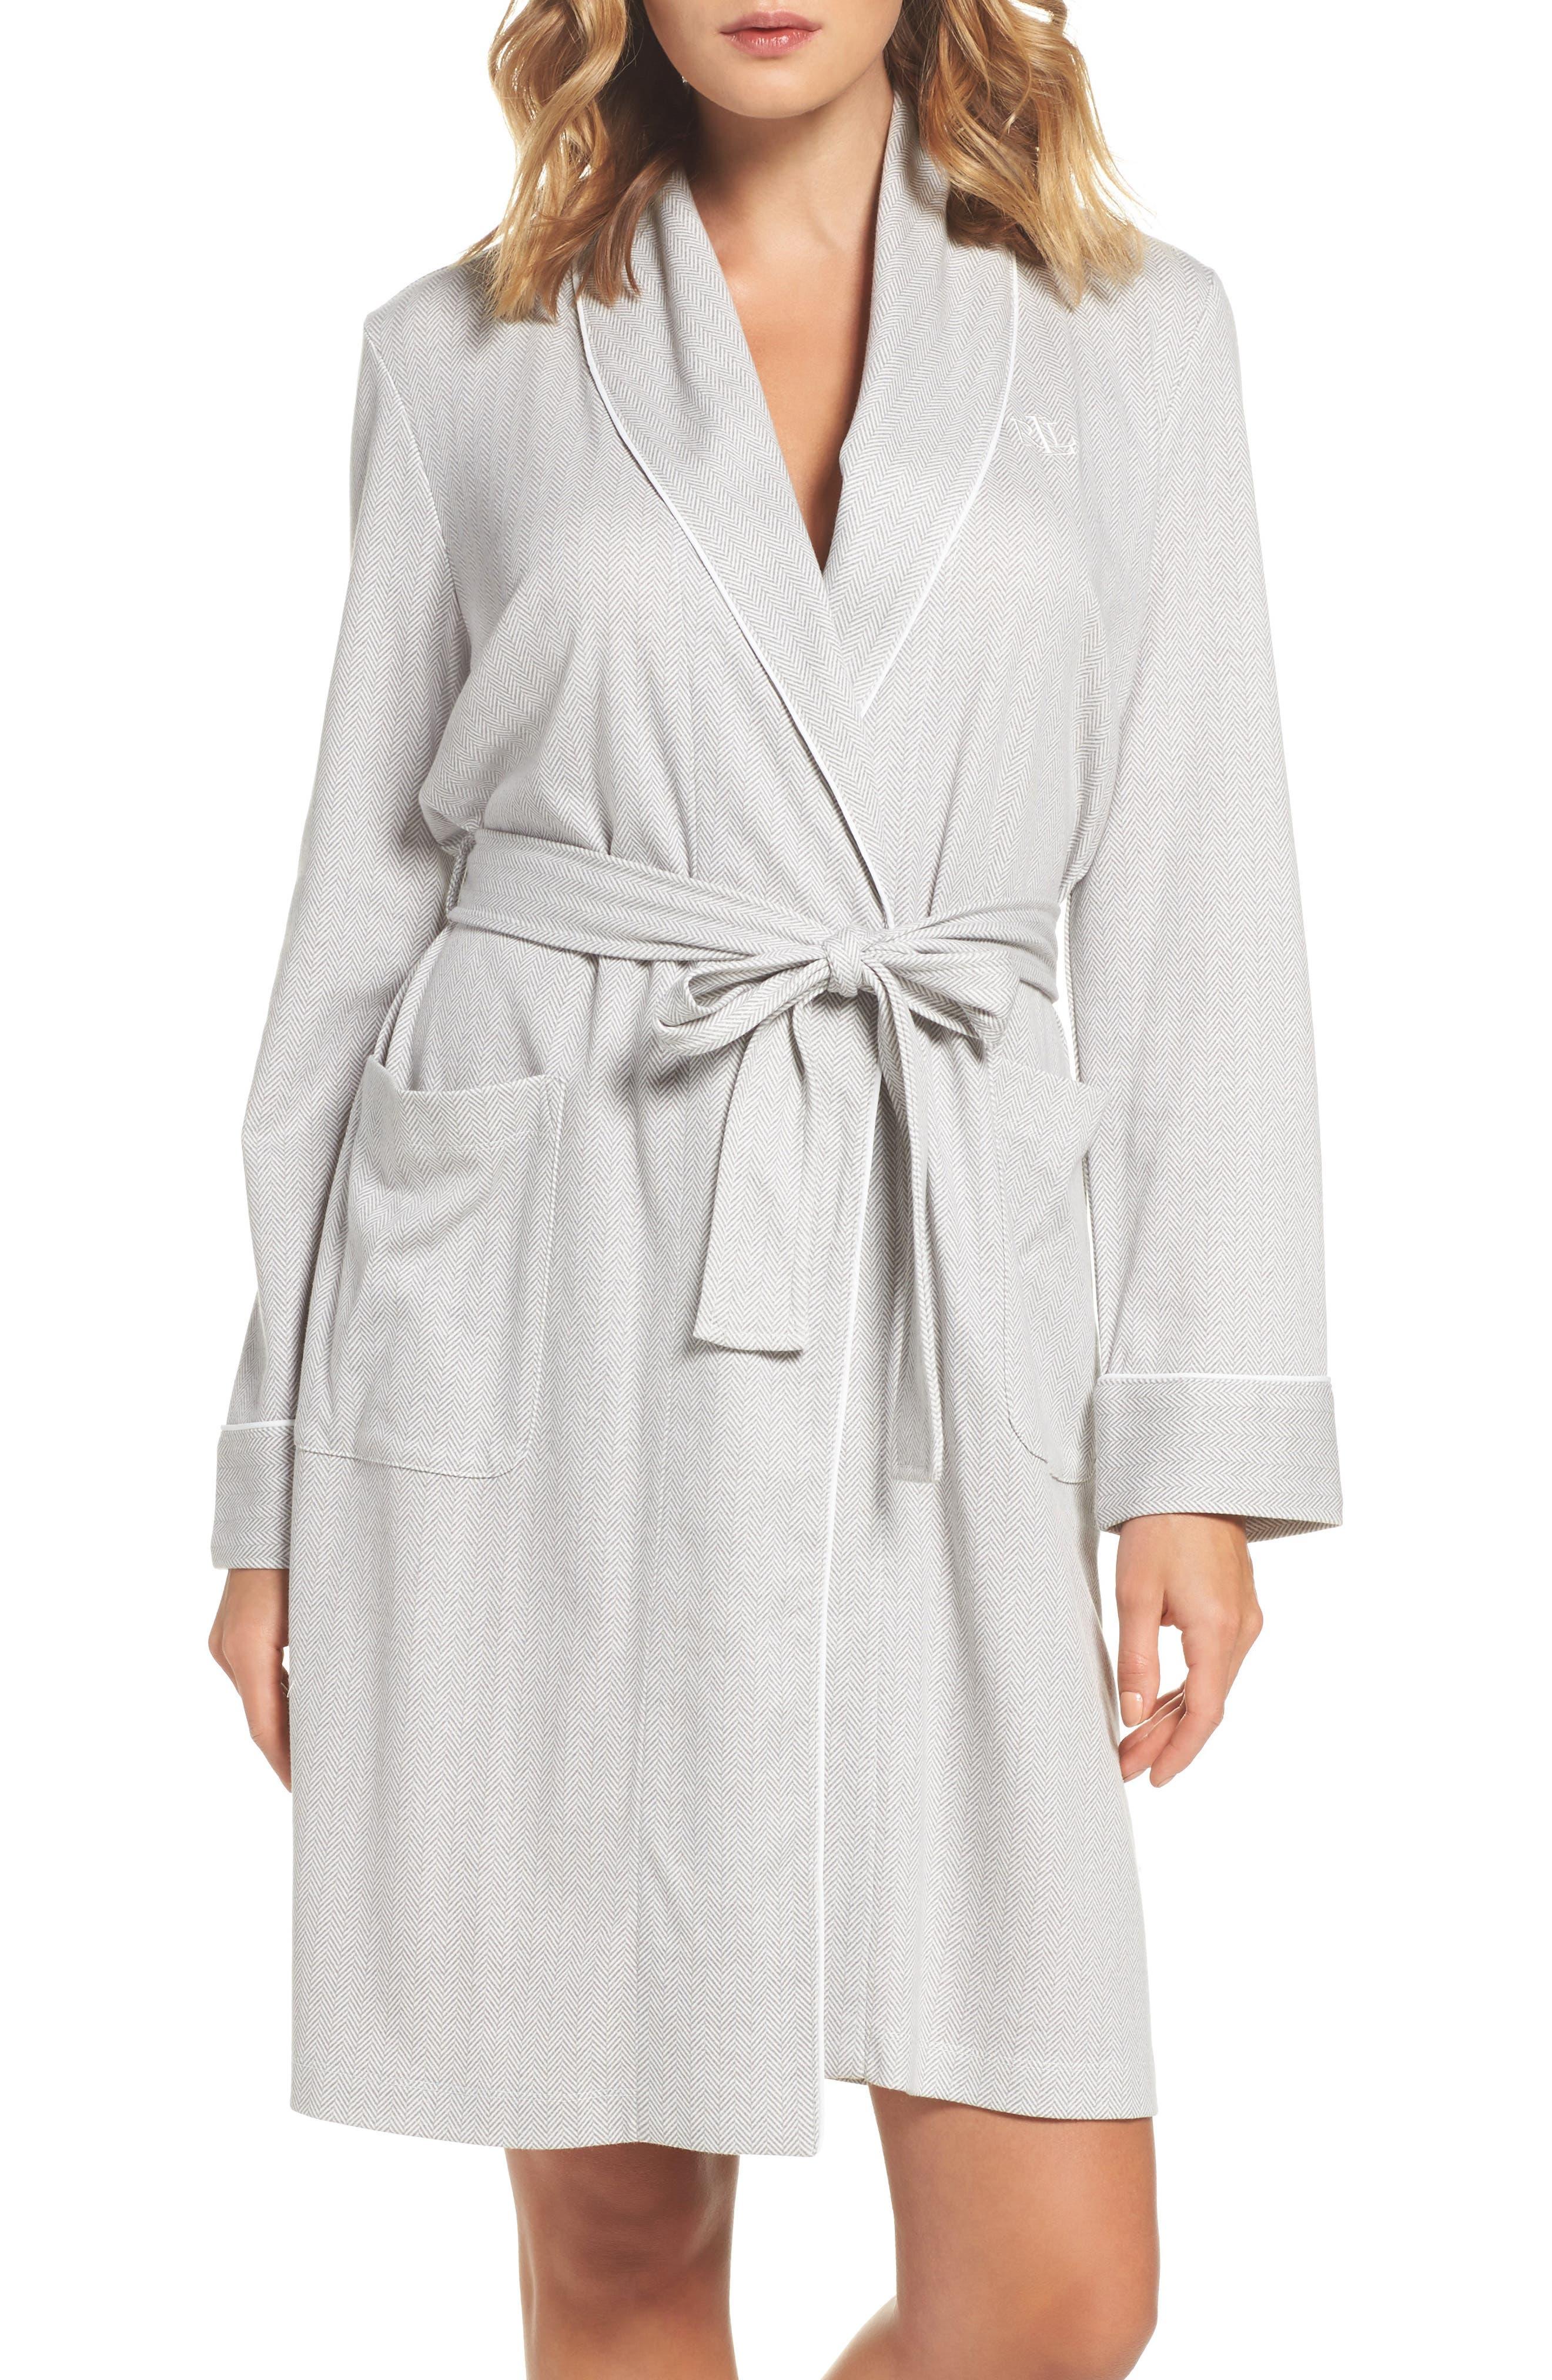 Short Robe,                         Main,                         color, Grey Herringbone